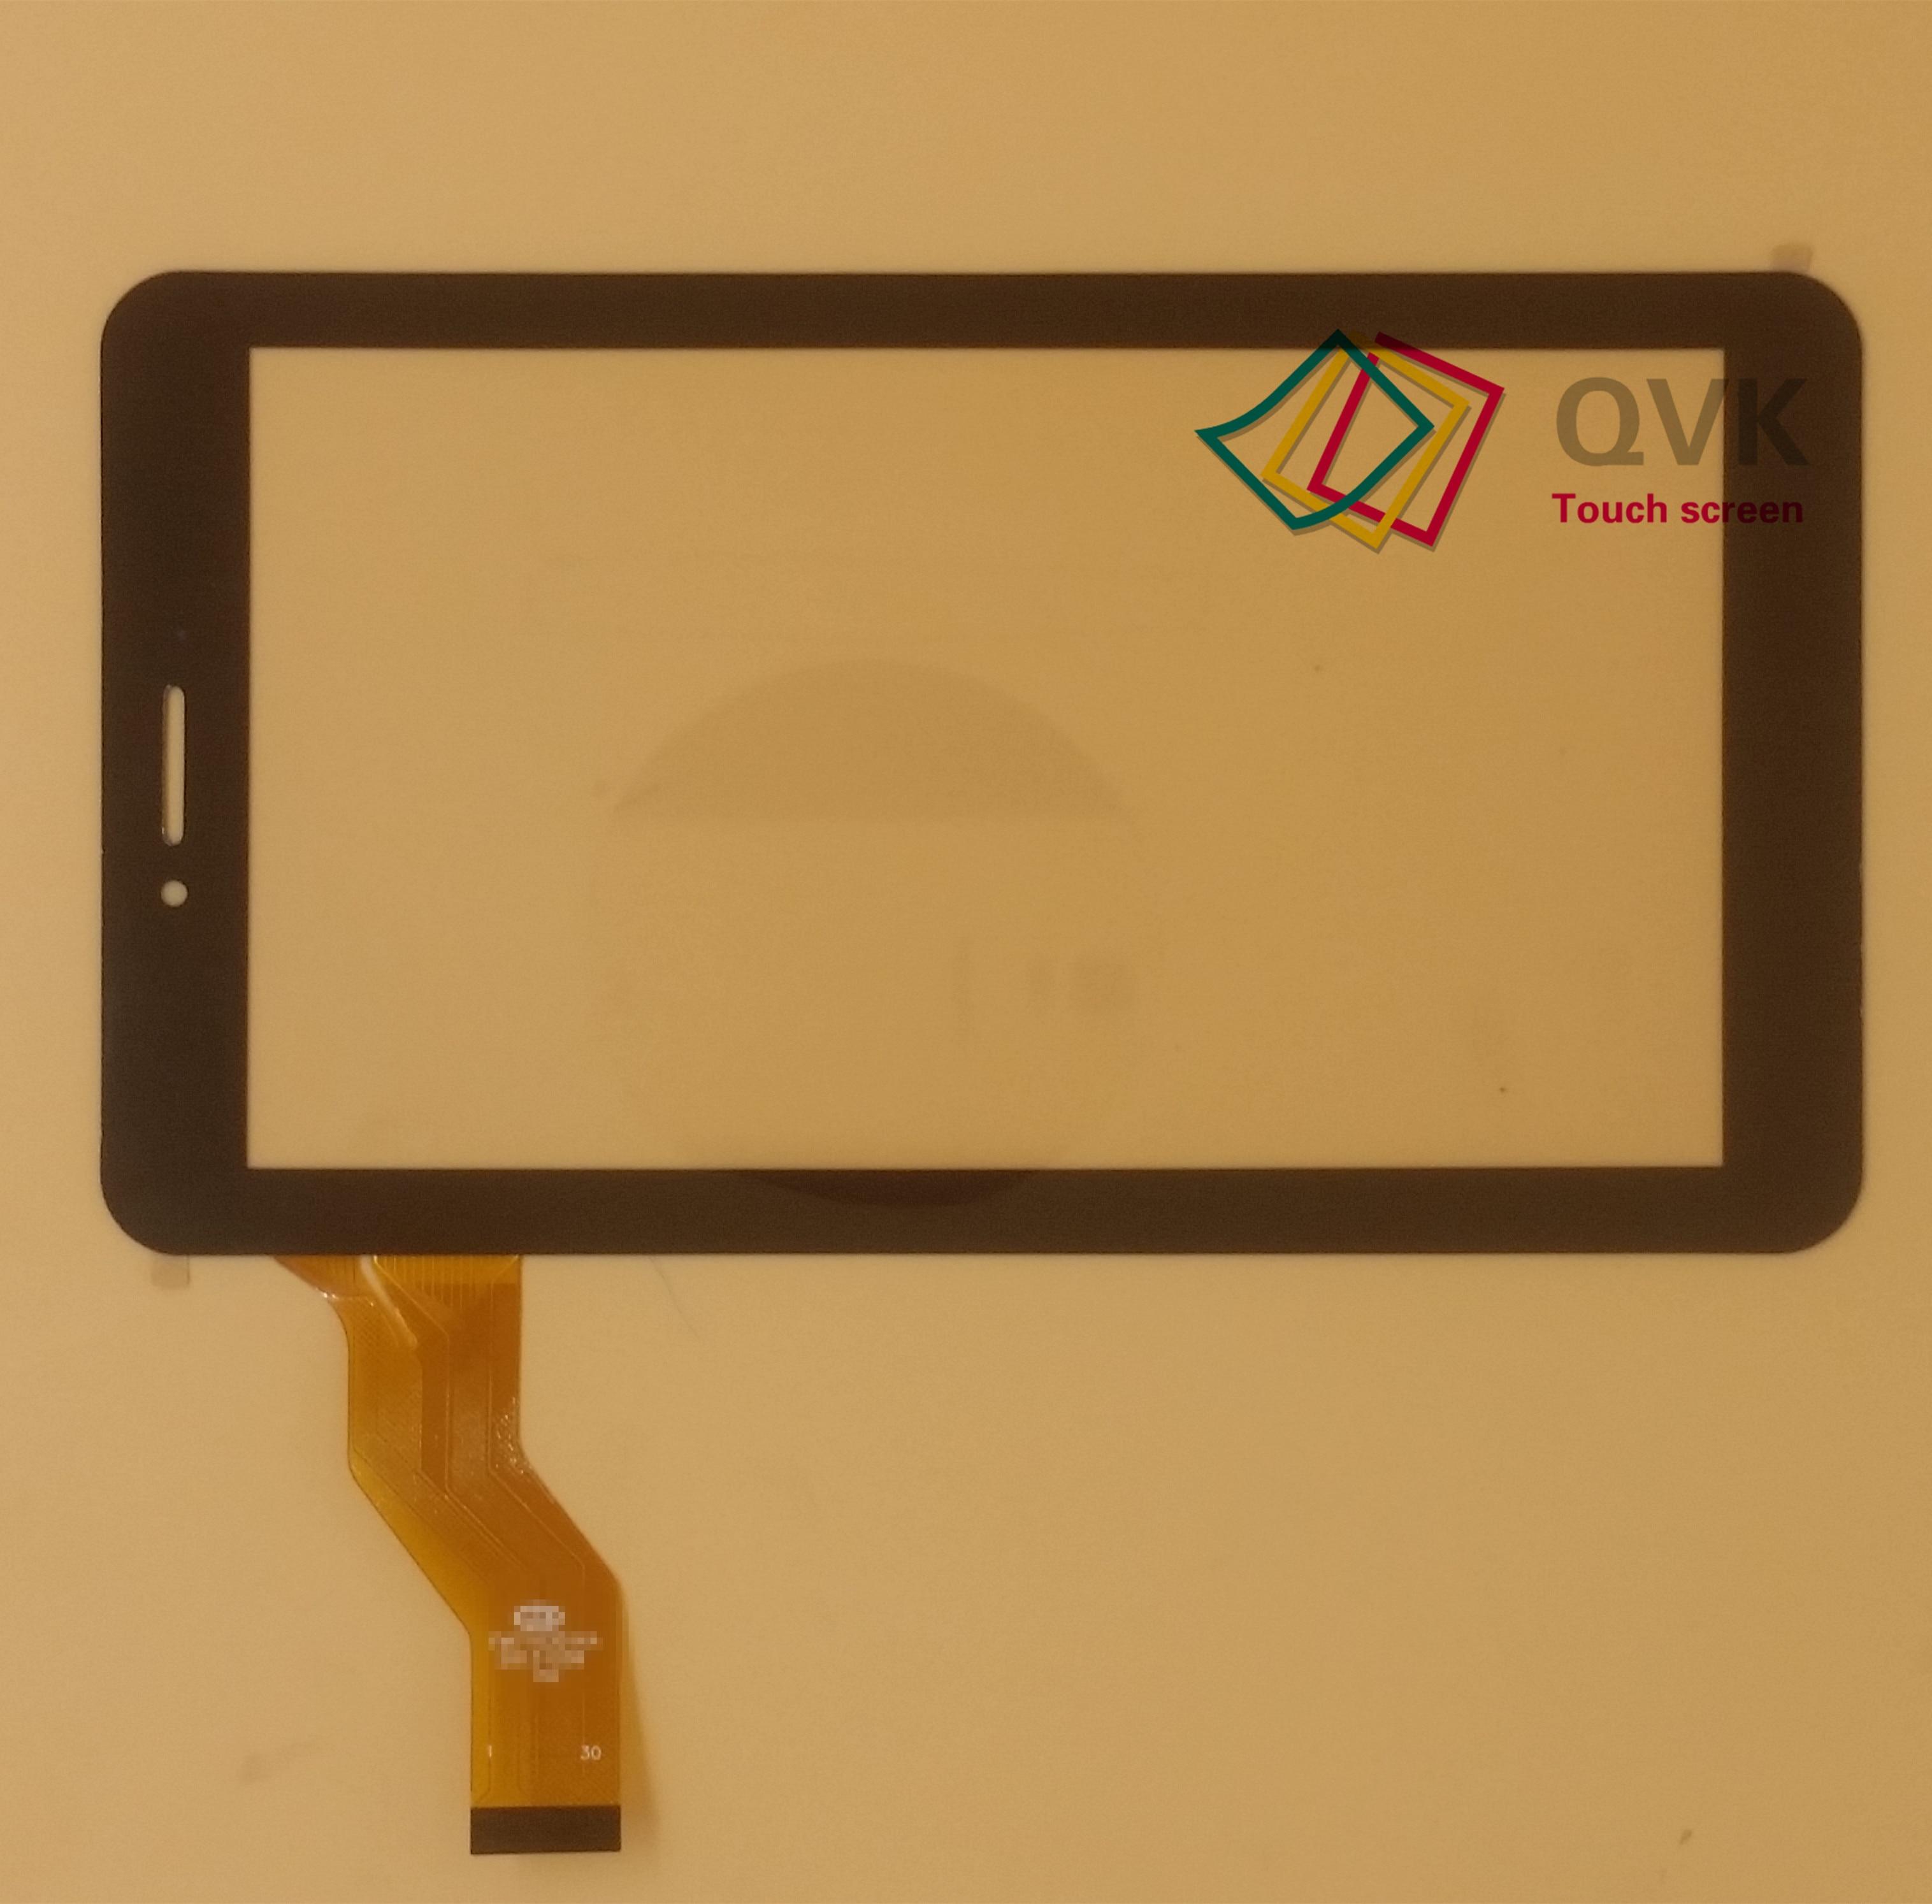 7 pollici per Irbis TX47 3G tablet pc capacitivo dello schermo di tocco di vetro digitizer pannello Digma optima Aereo 7.1 3G PS7020MG7 pollici per Irbis TX47 3G tablet pc capacitivo dello schermo di tocco di vetro digitizer pannello Digma optima Aereo 7.1 3G PS7020MG